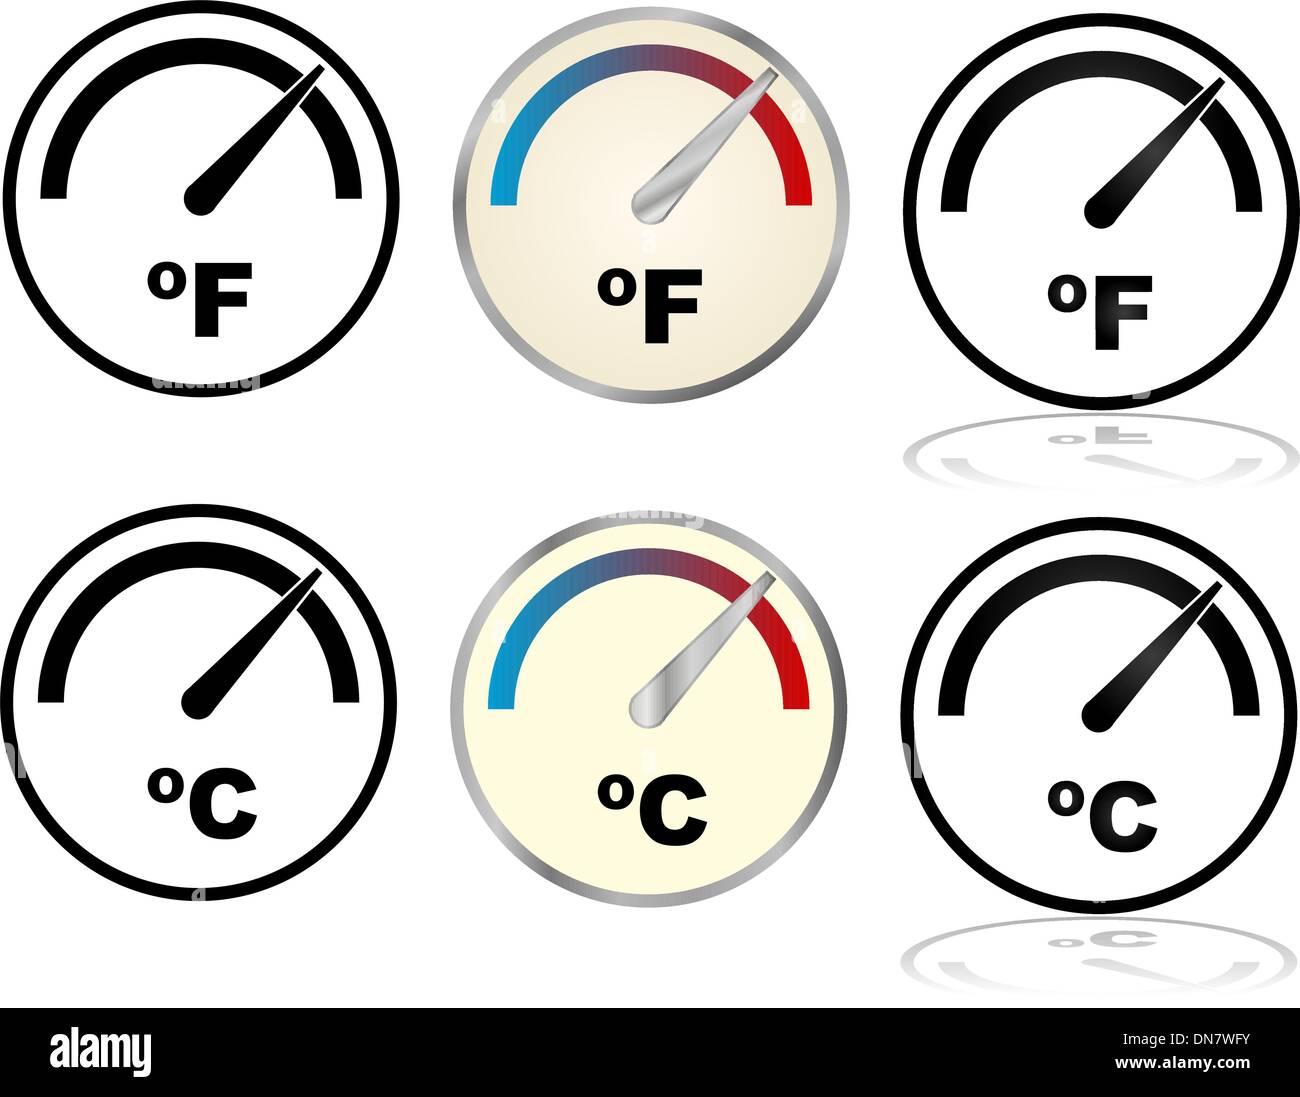 Temperature indicator - Stock Image